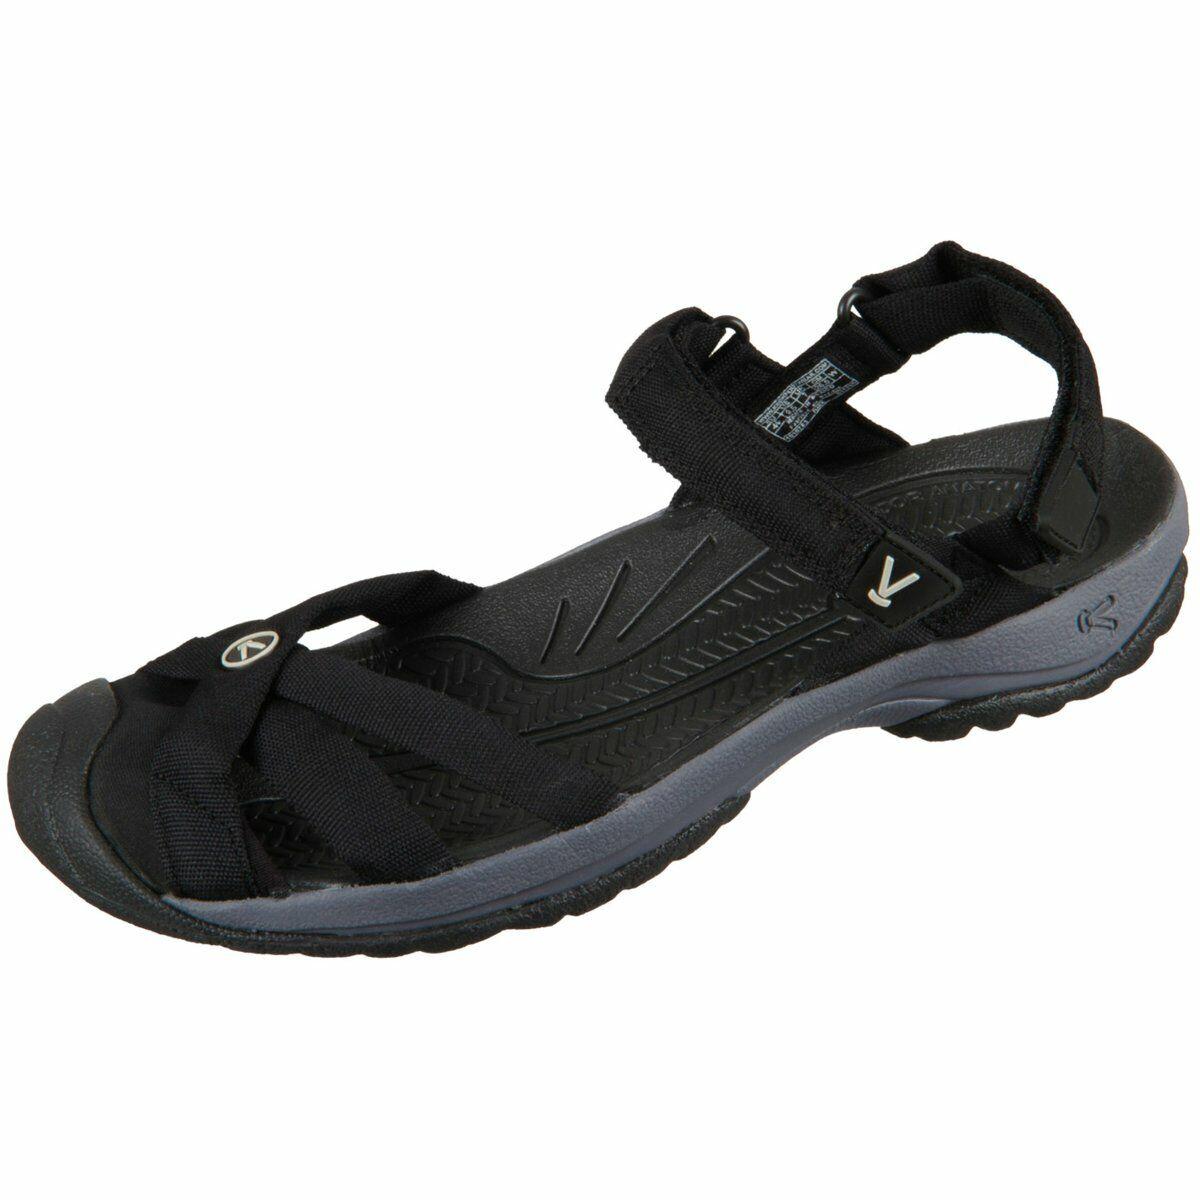 Keen Damen Sandaletten Bali Strap 1018783 black steel grey 1018783 schwarz